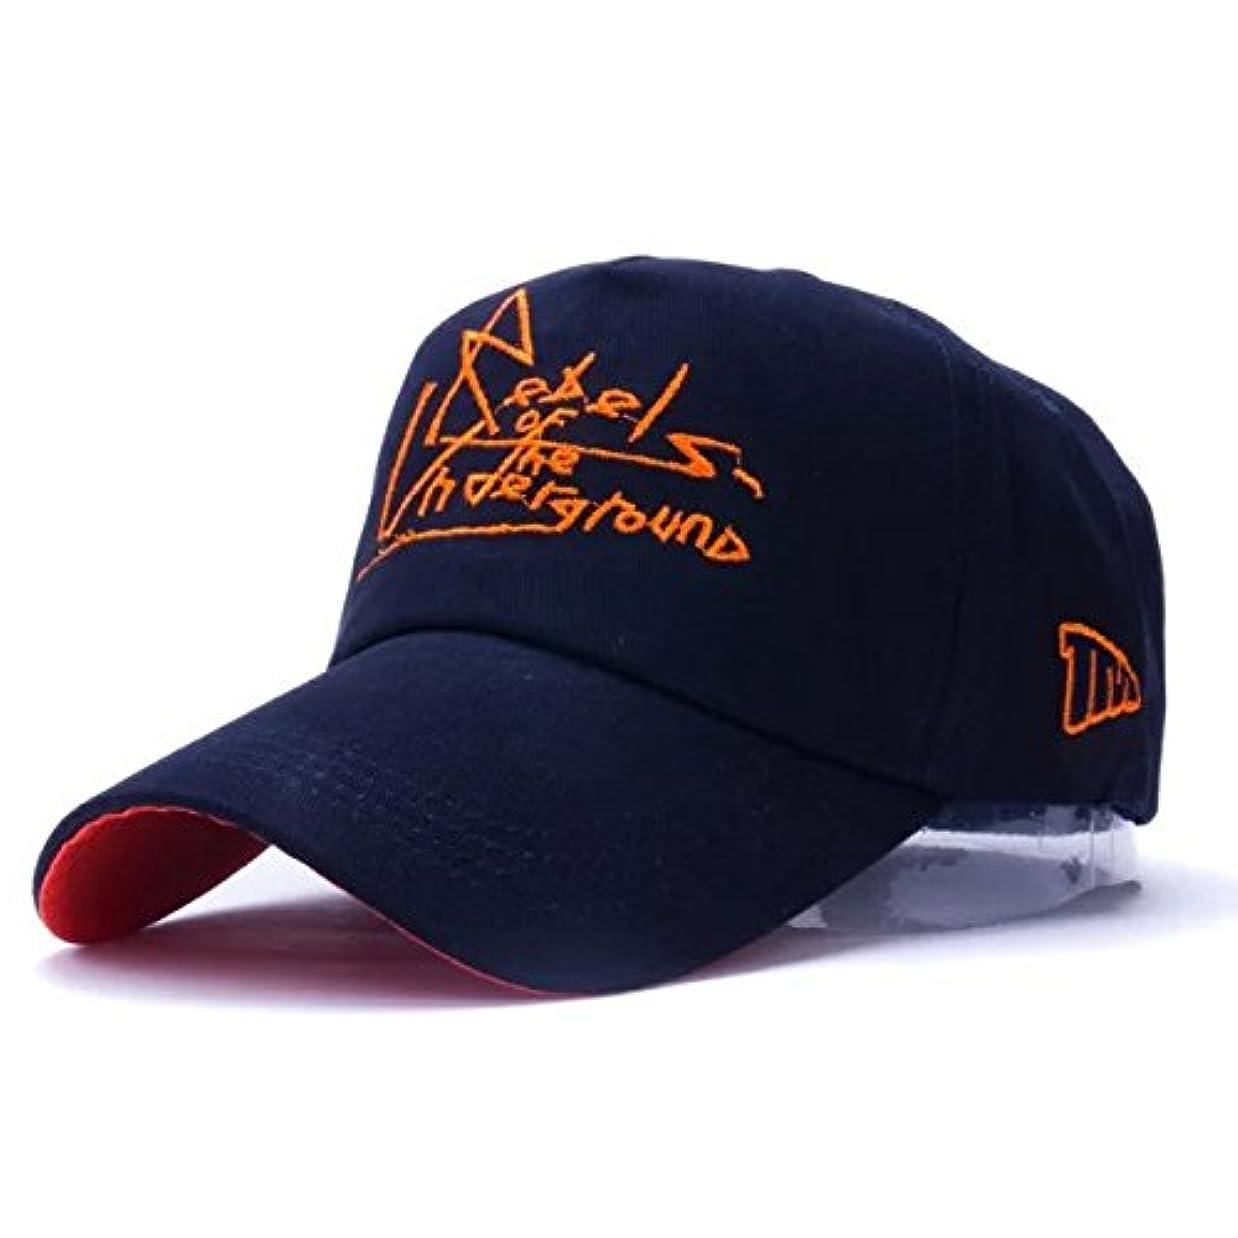 それに応じて振動させる議論するBOWNY 野球帽子 メンズ おしゃれ 帽子 つば長 紺 紫外線対策 刺繍 スポーツ 旅行 自転車 野外 普段使い 遠足 ベースボールキャップ